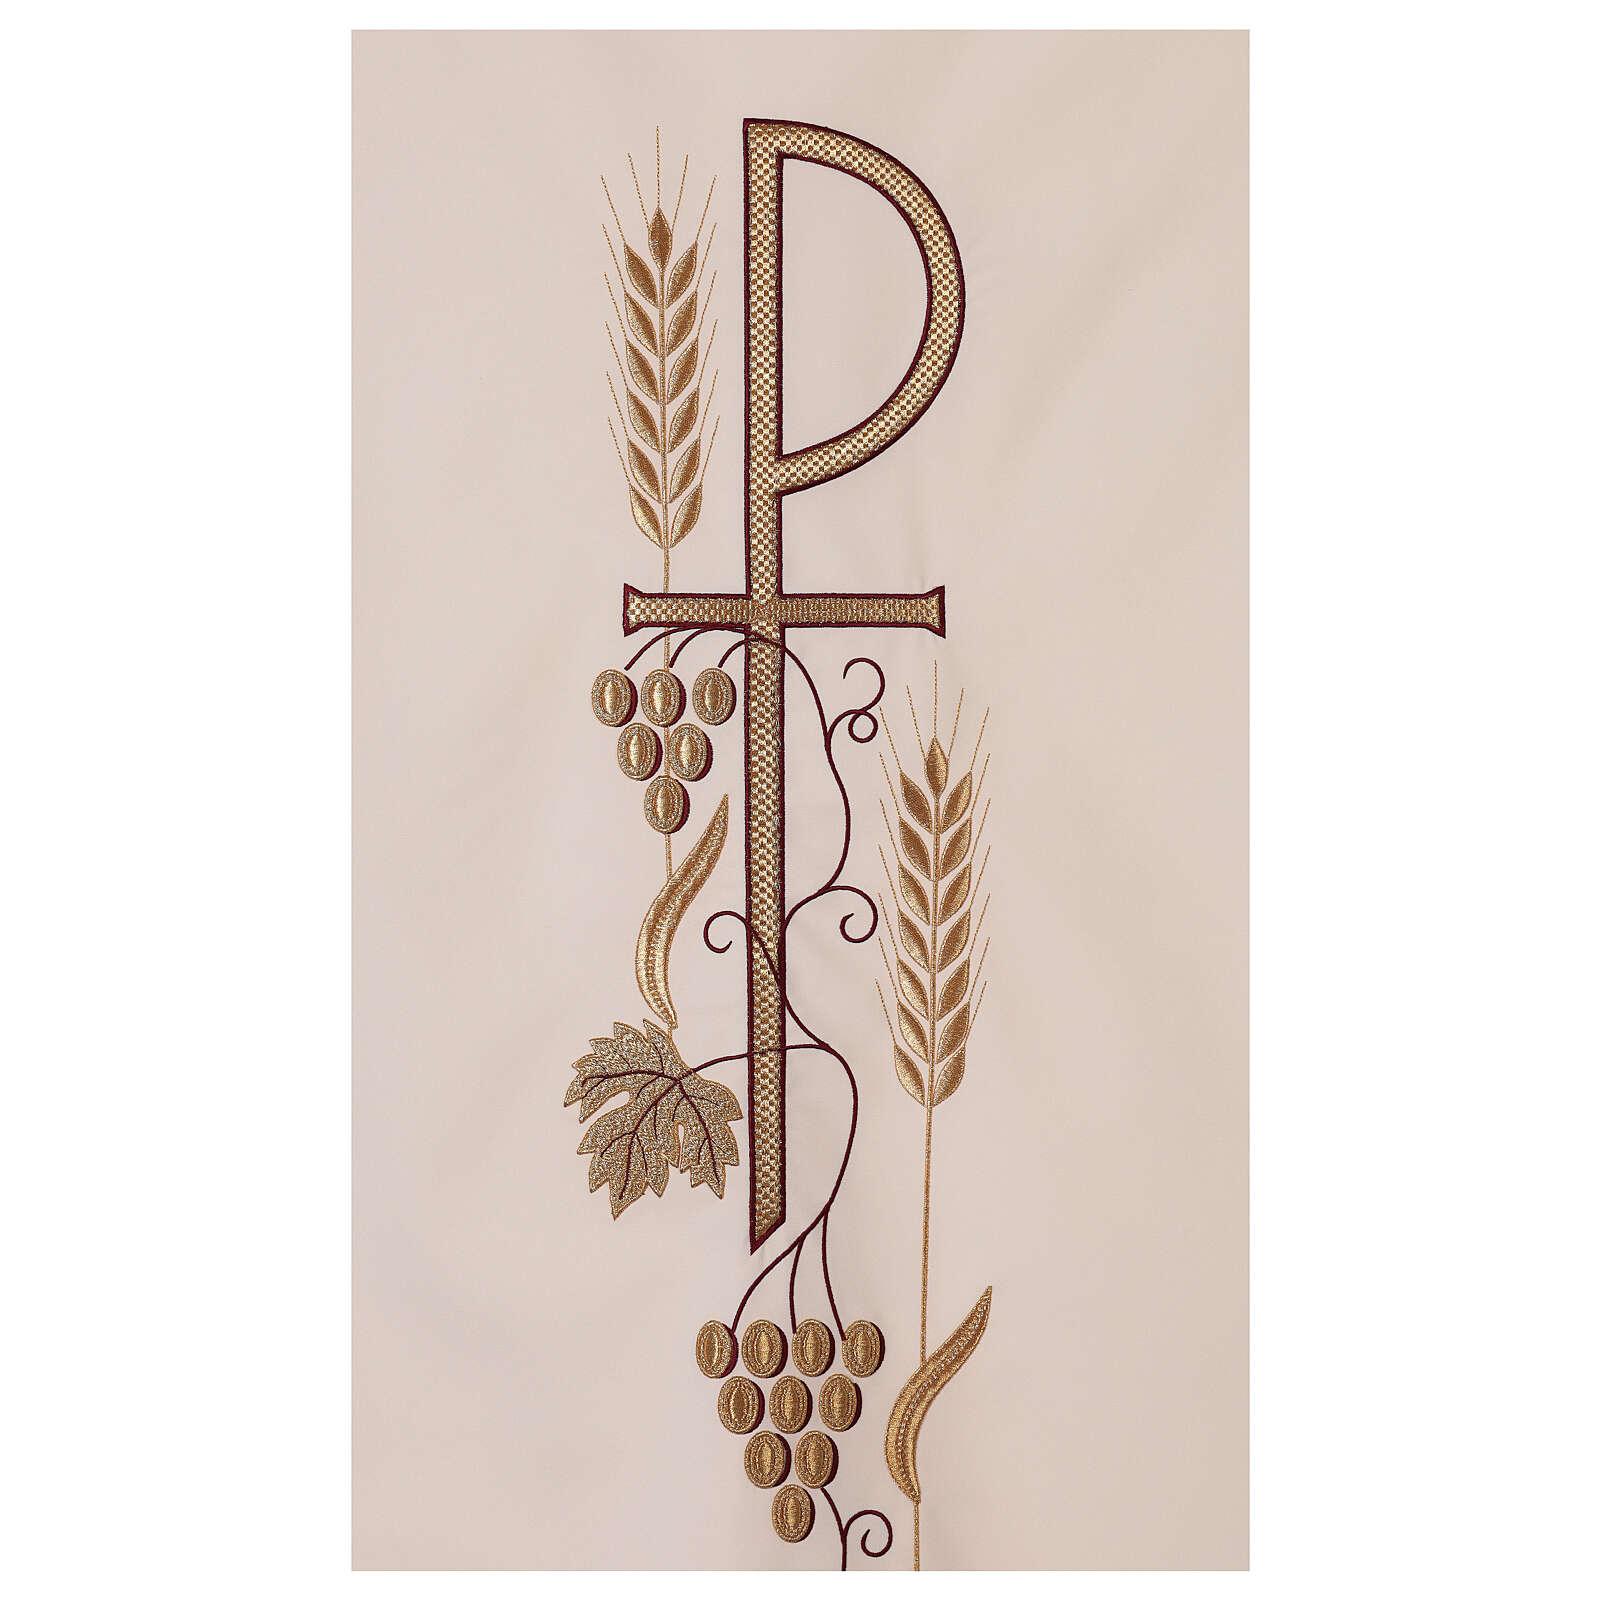 Paño de atril espigas hoja uva símbolo P 4